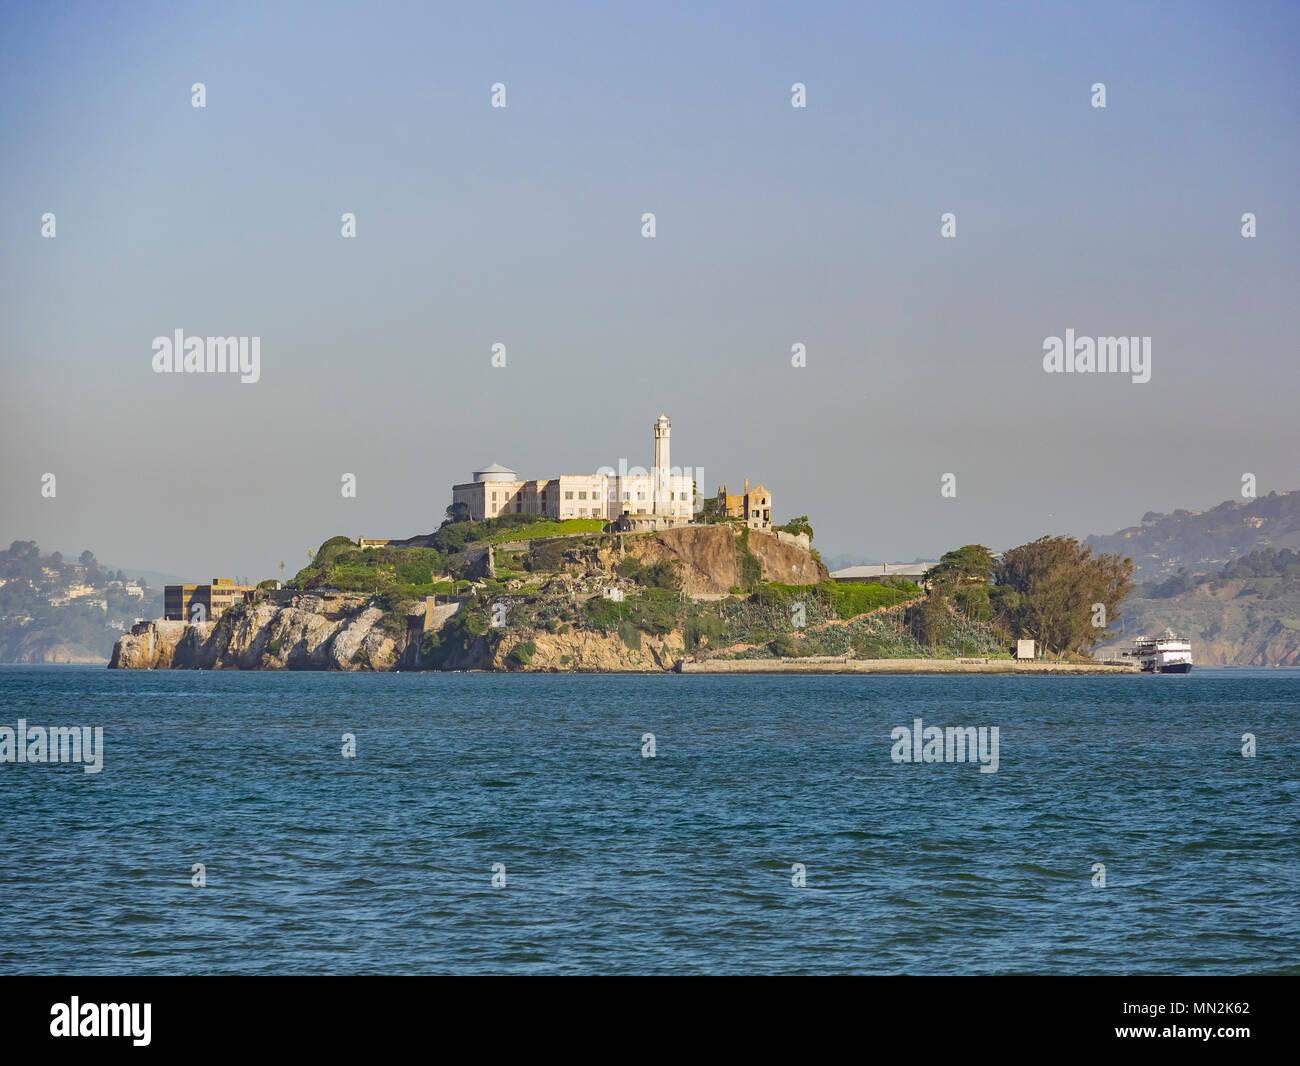 La famosa y bella Isla de Alcatraz de San Francisco. Foto de stock